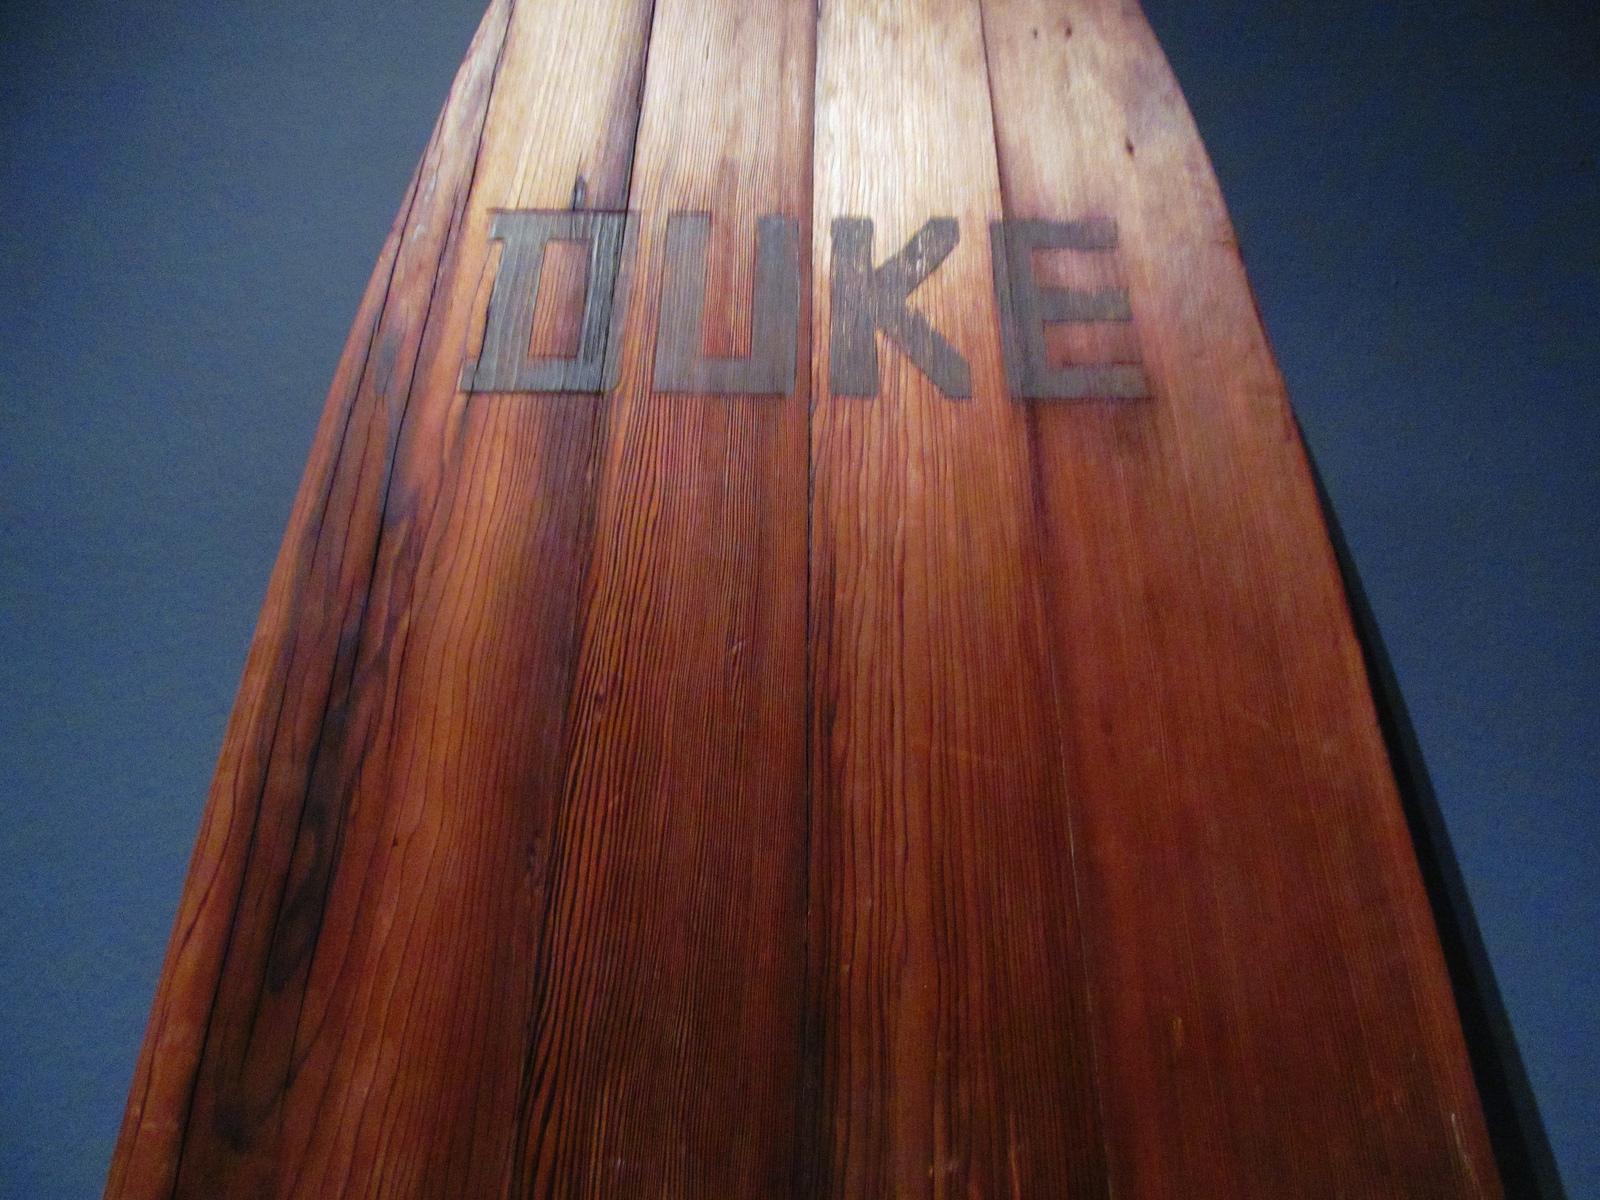 Duke híres deszkája (Fotó: Flickr/rocor)